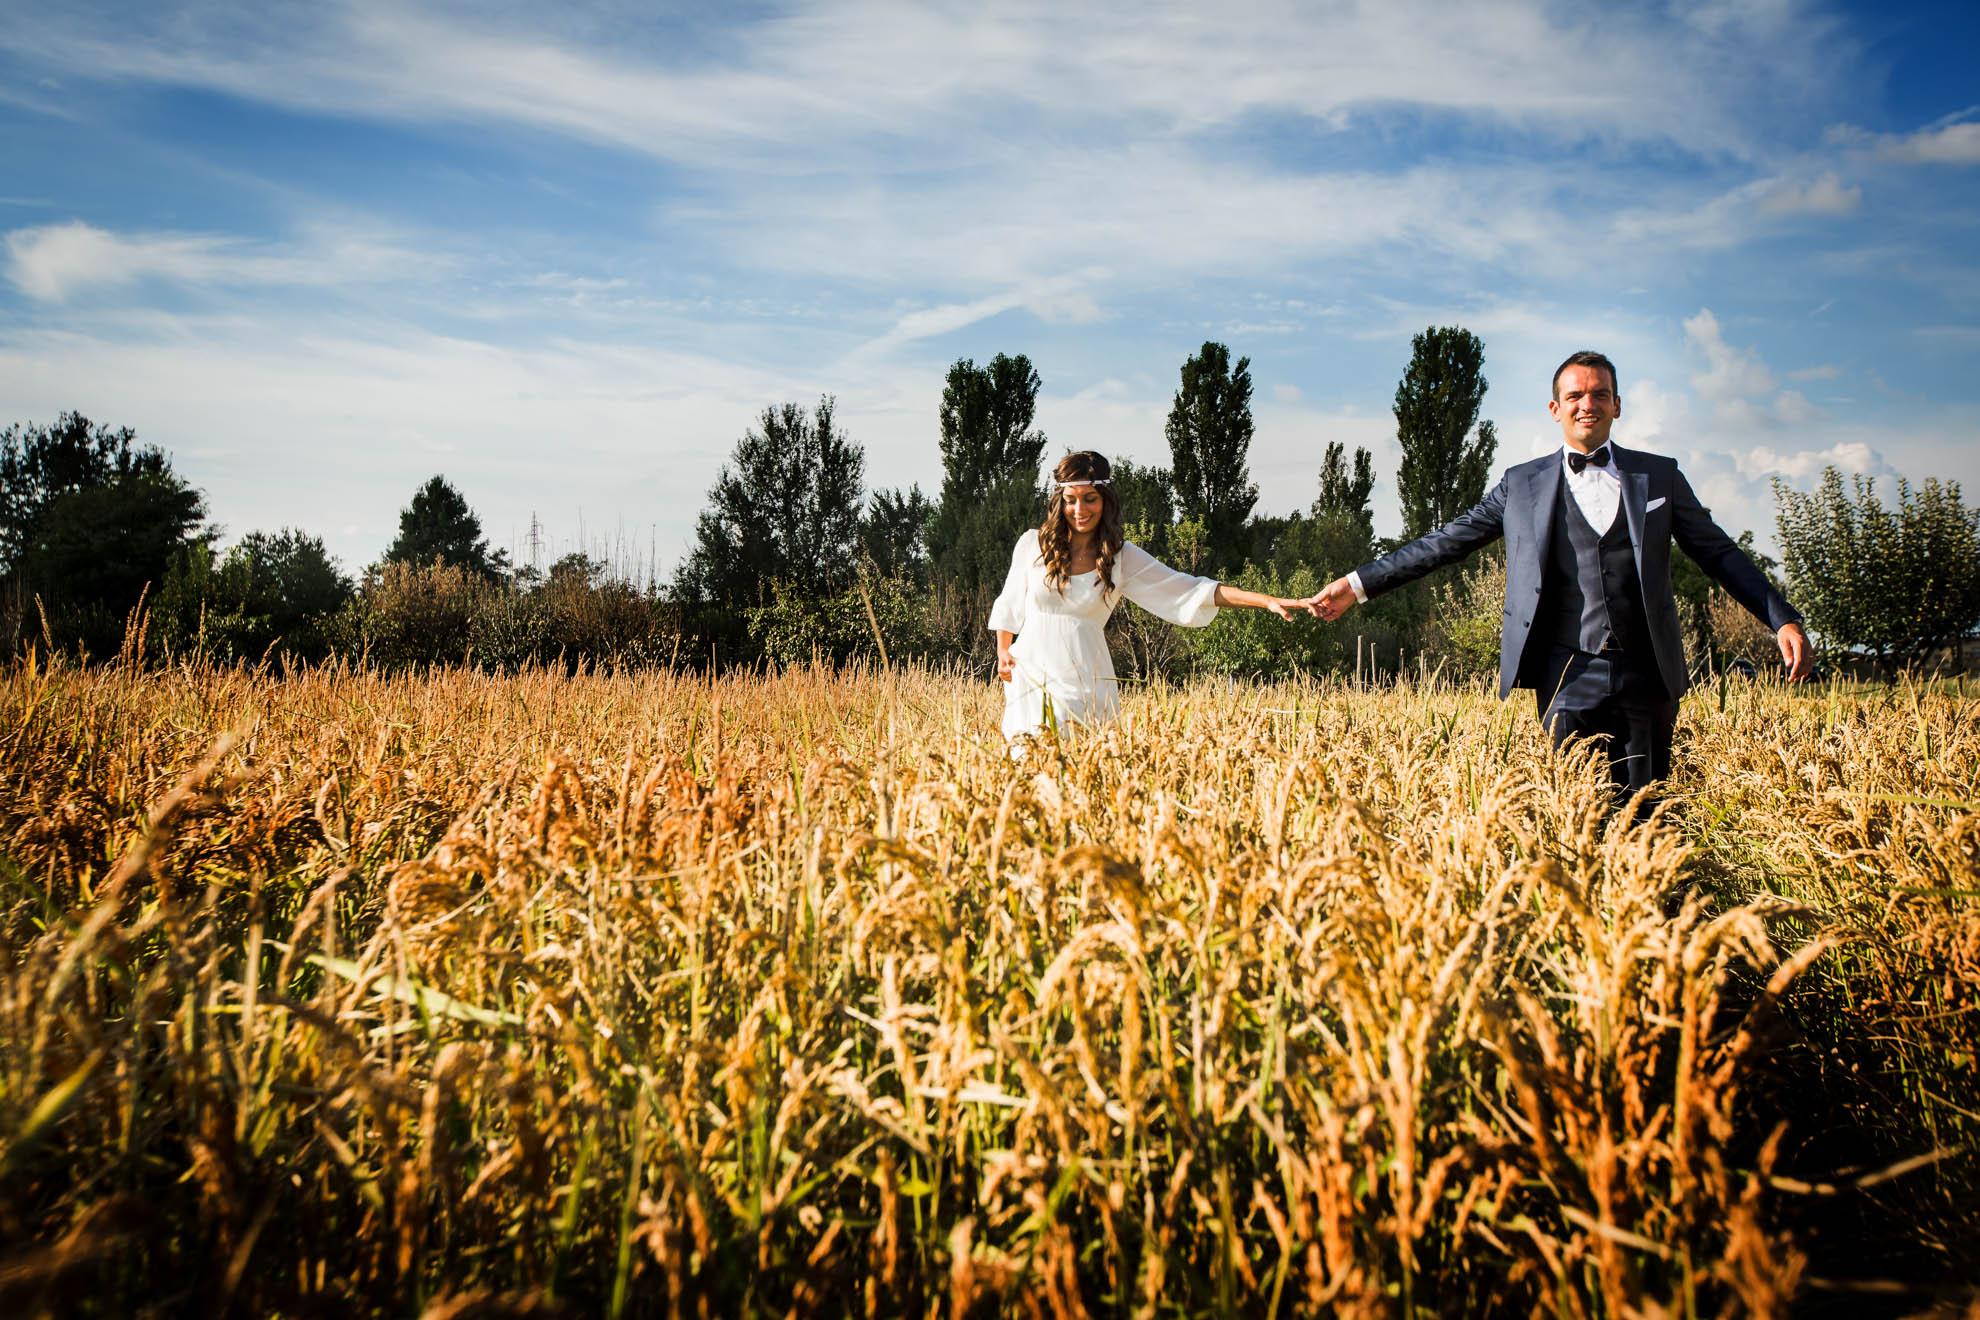 010 Fotografo per Matrimonio Diego Ravenna Pavia_R5D6250-Modifica